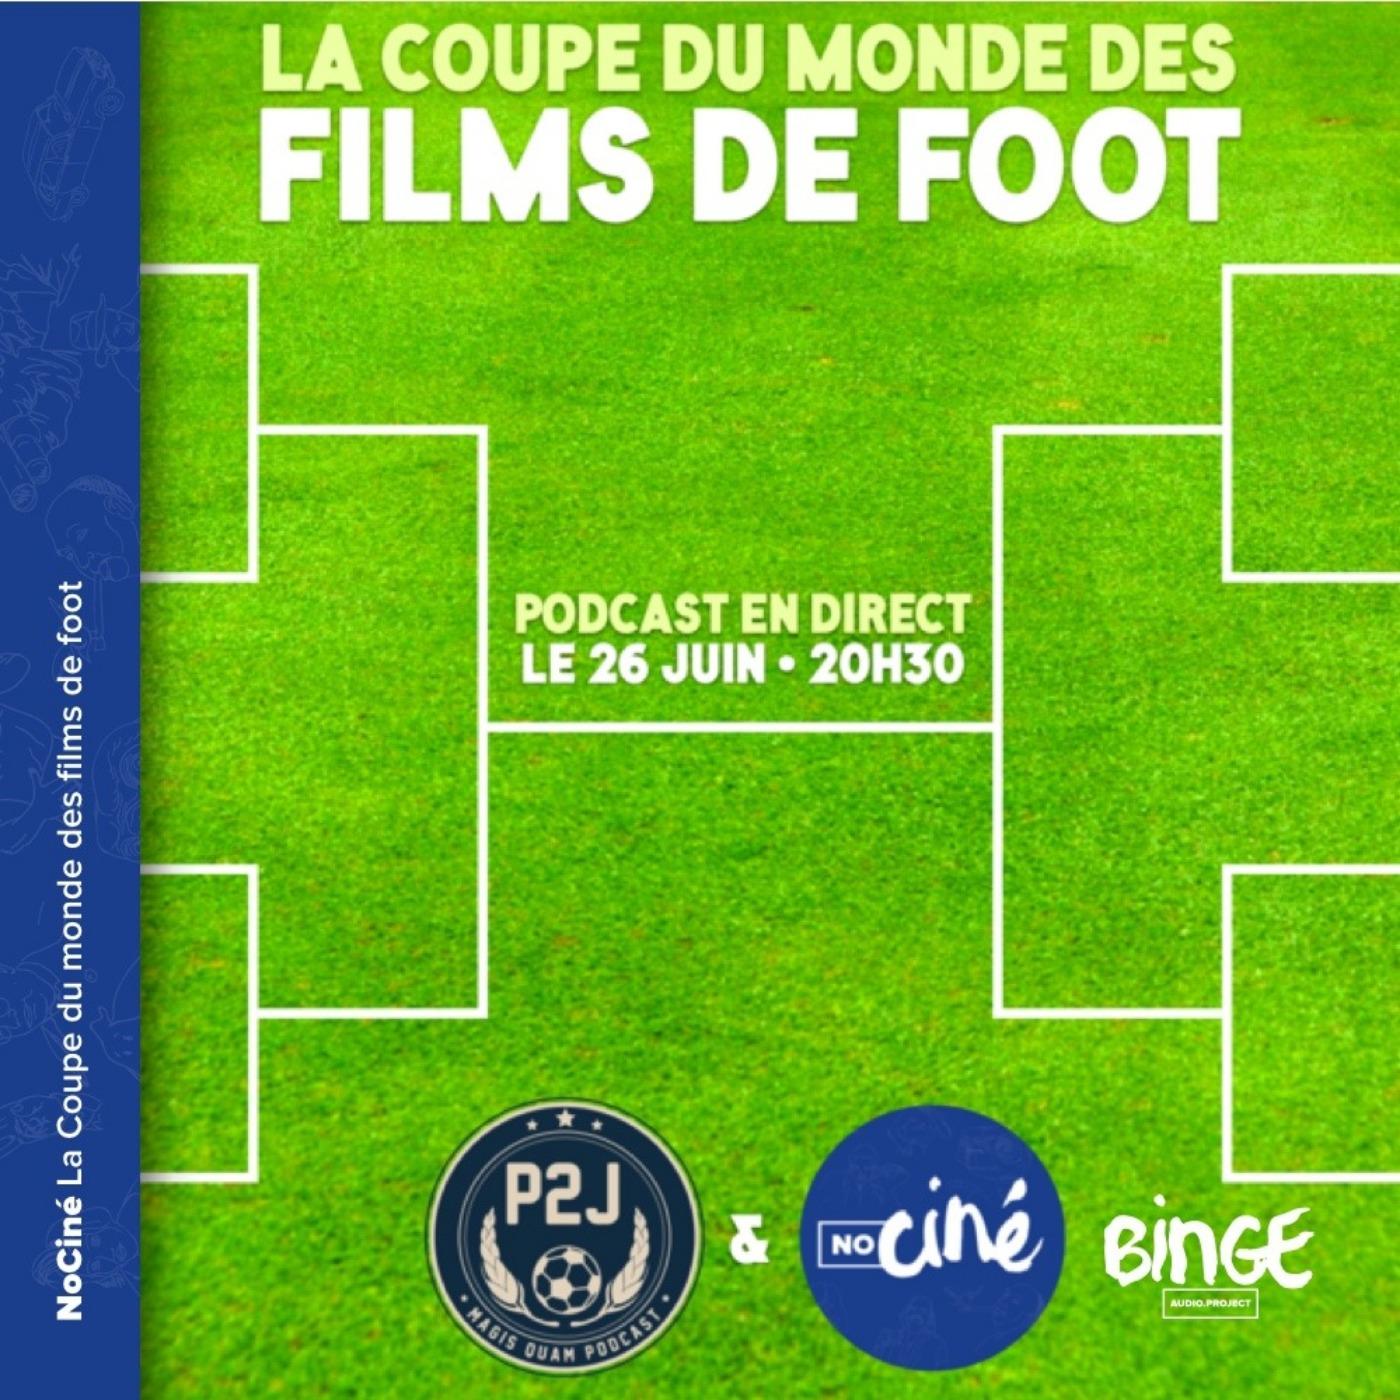 La Coupe du monde des films de foot